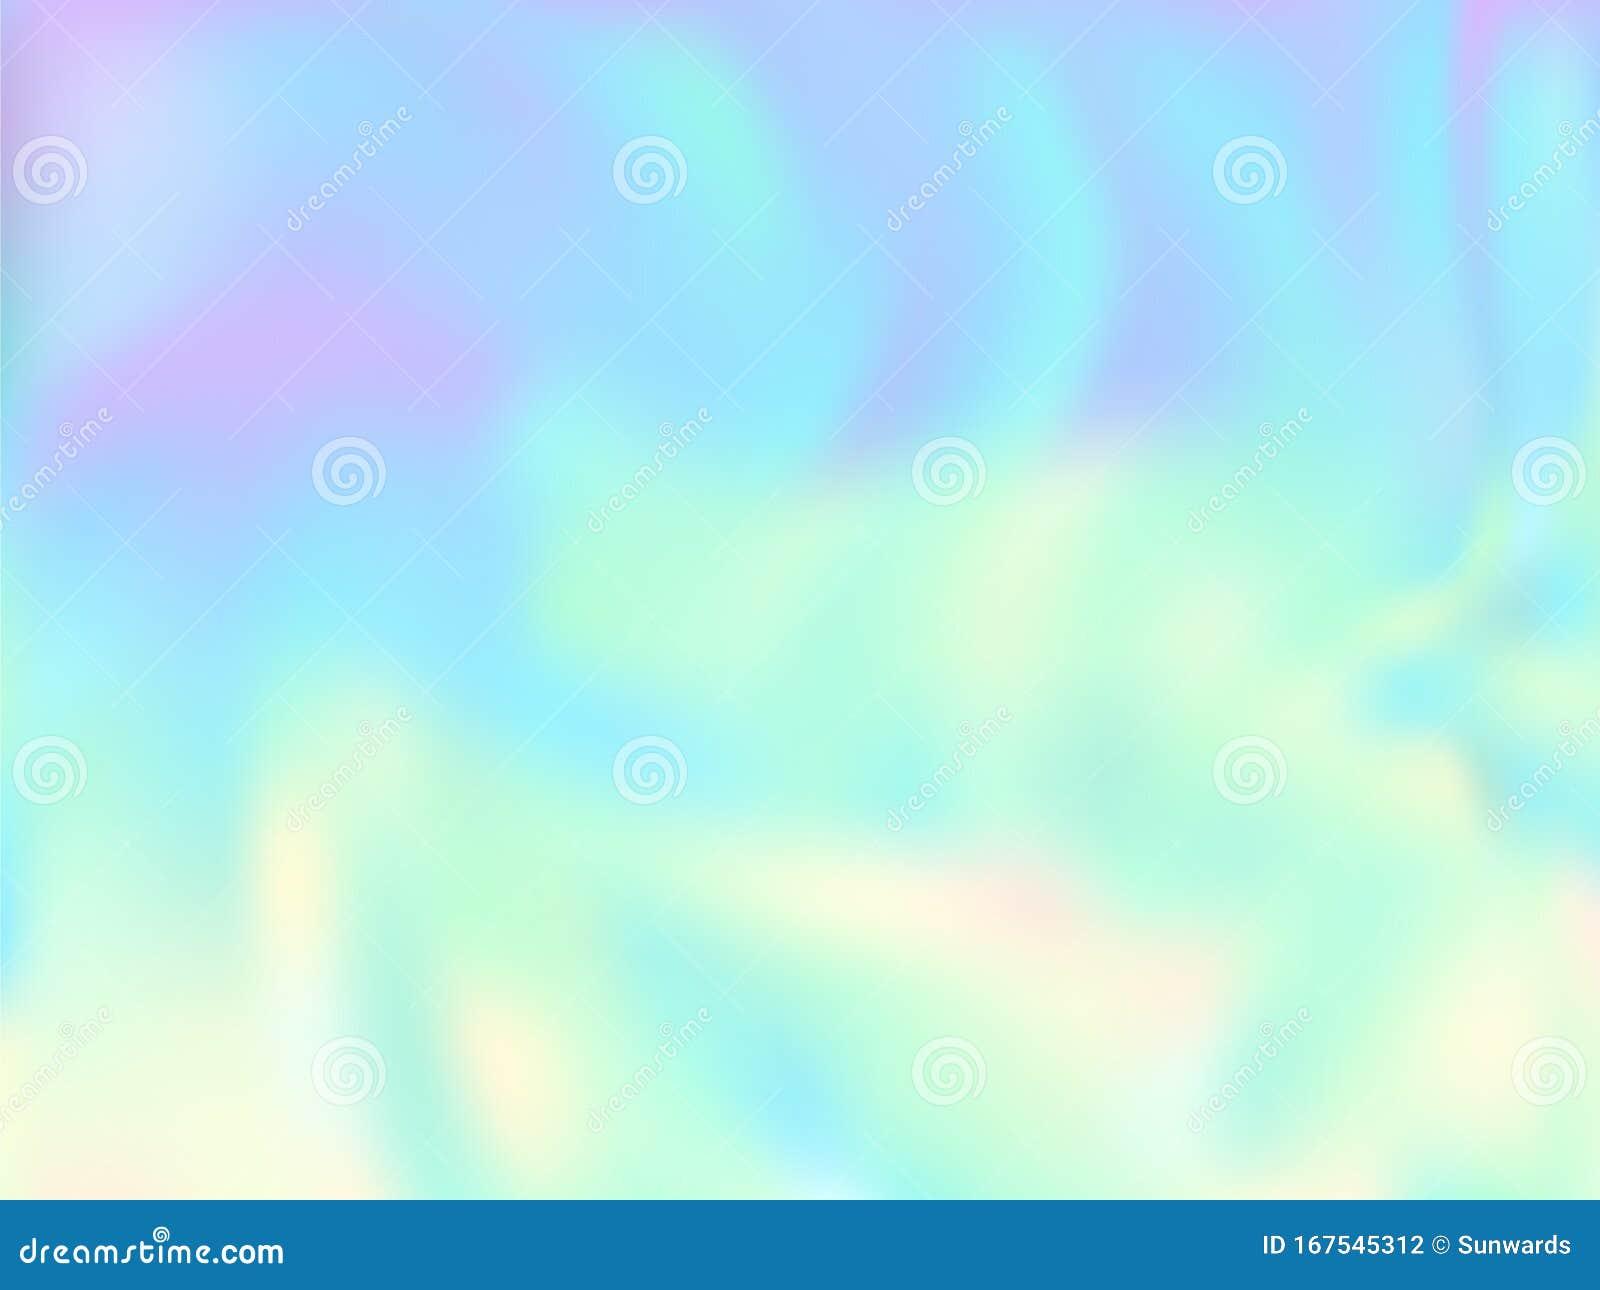 Blurred Hologram Texture Gradient Wallpaper Stock Vector